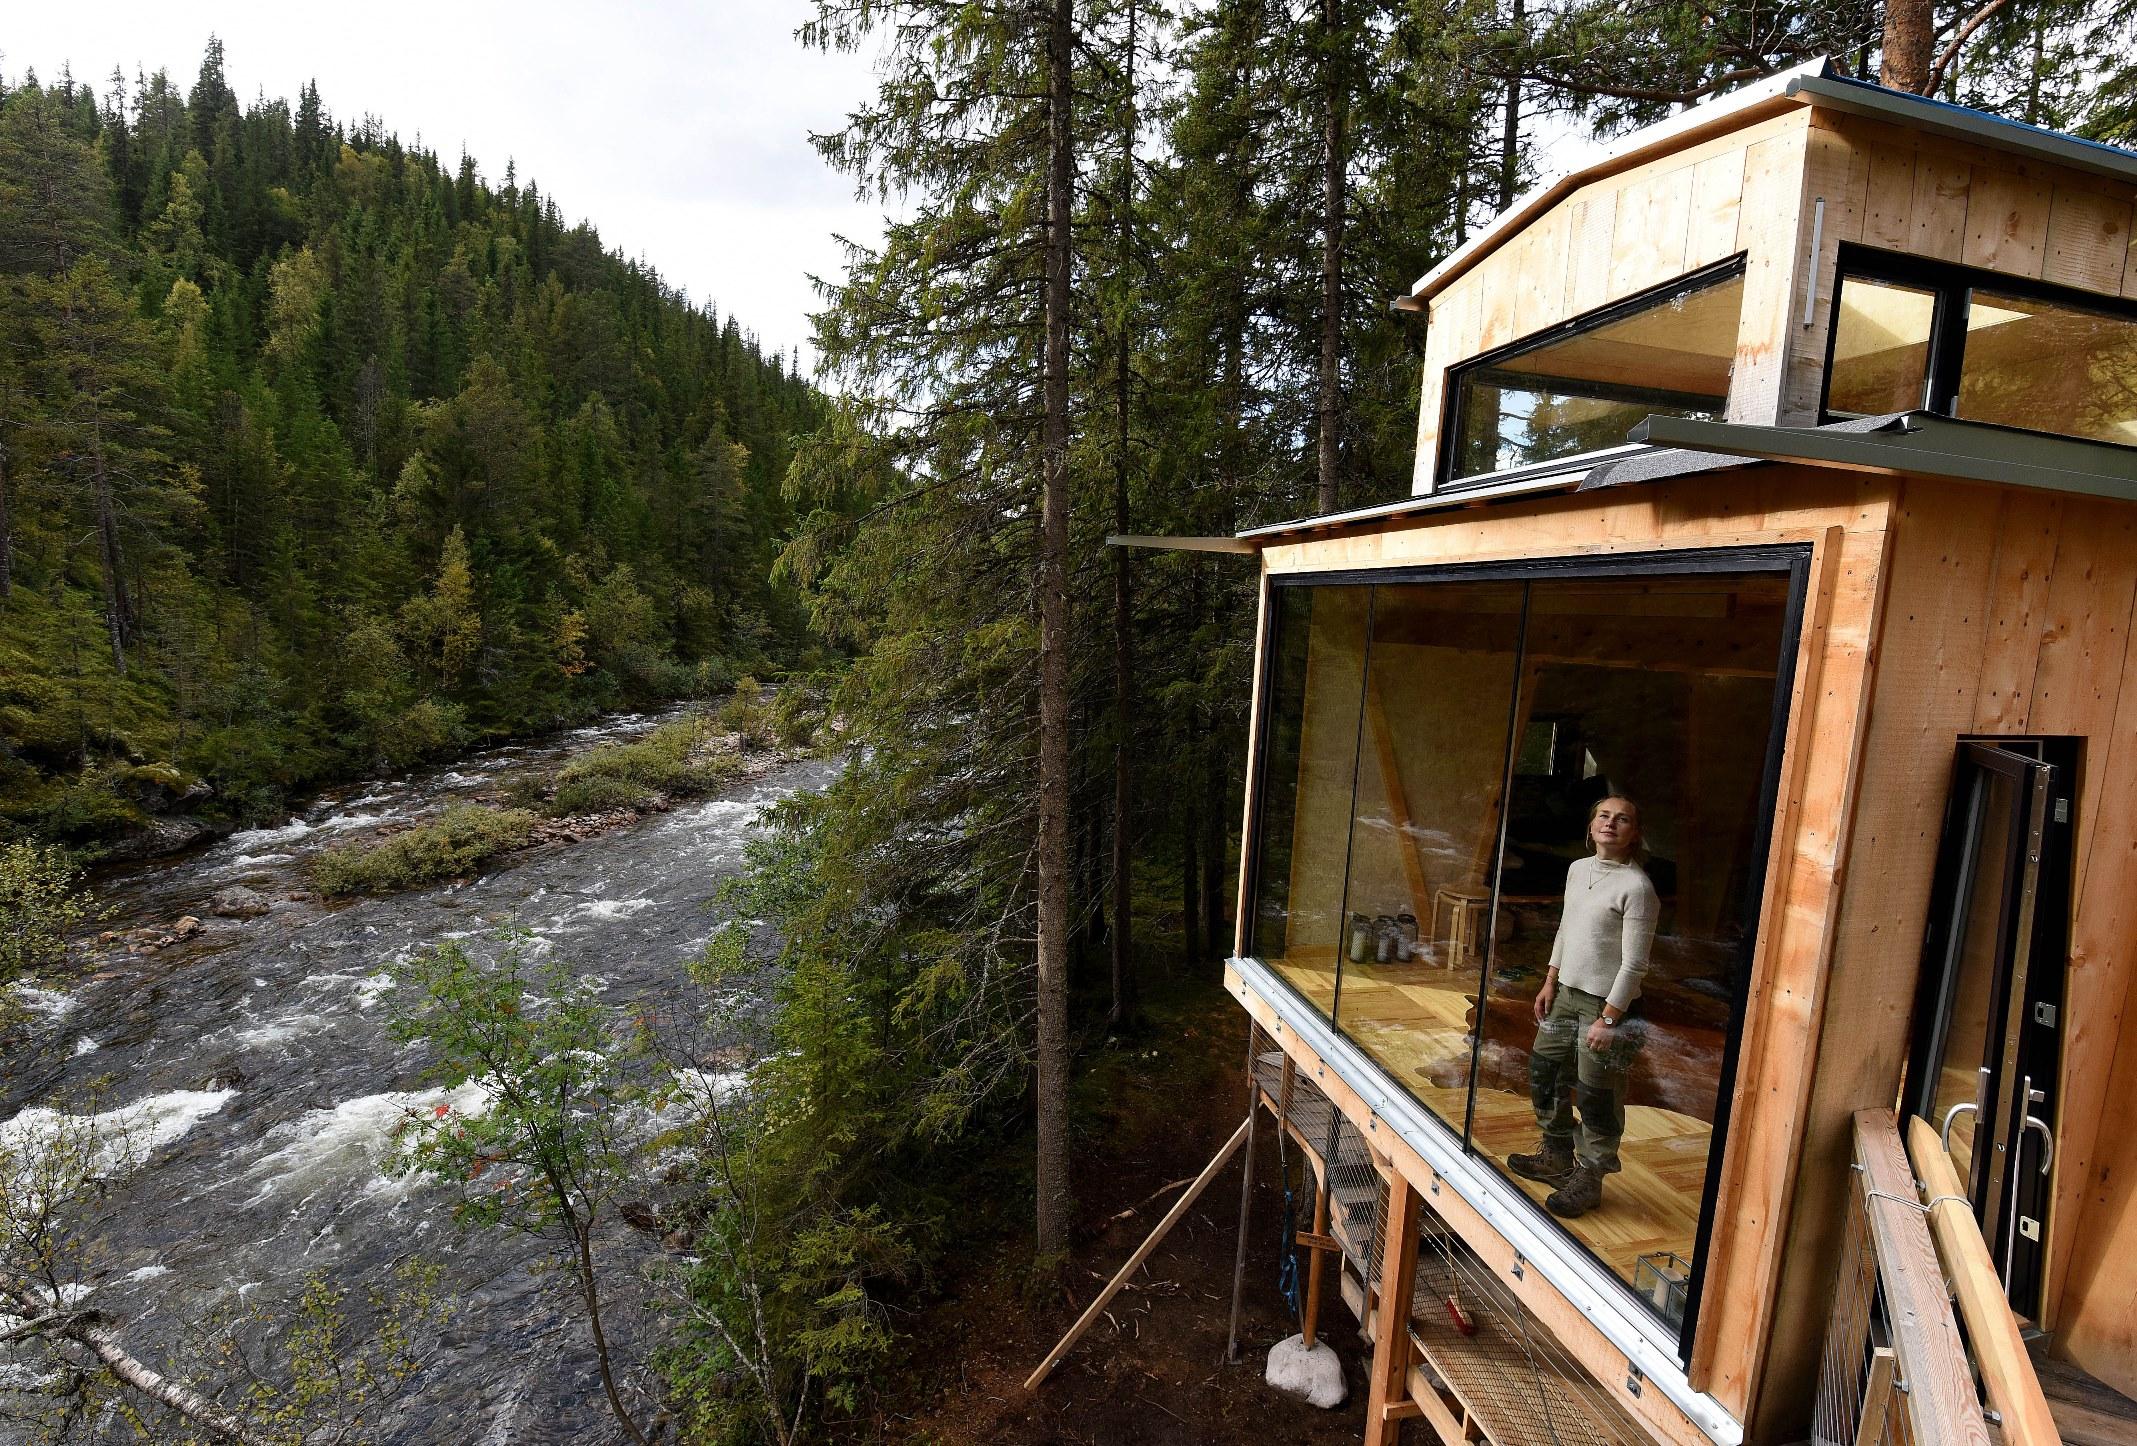 HØYT: Fra tretopphyttas terrasse kan du slenge vannbøtta eller fiskesnøret rett ned i elva. Foto: Bjørn Harry Schønhaug